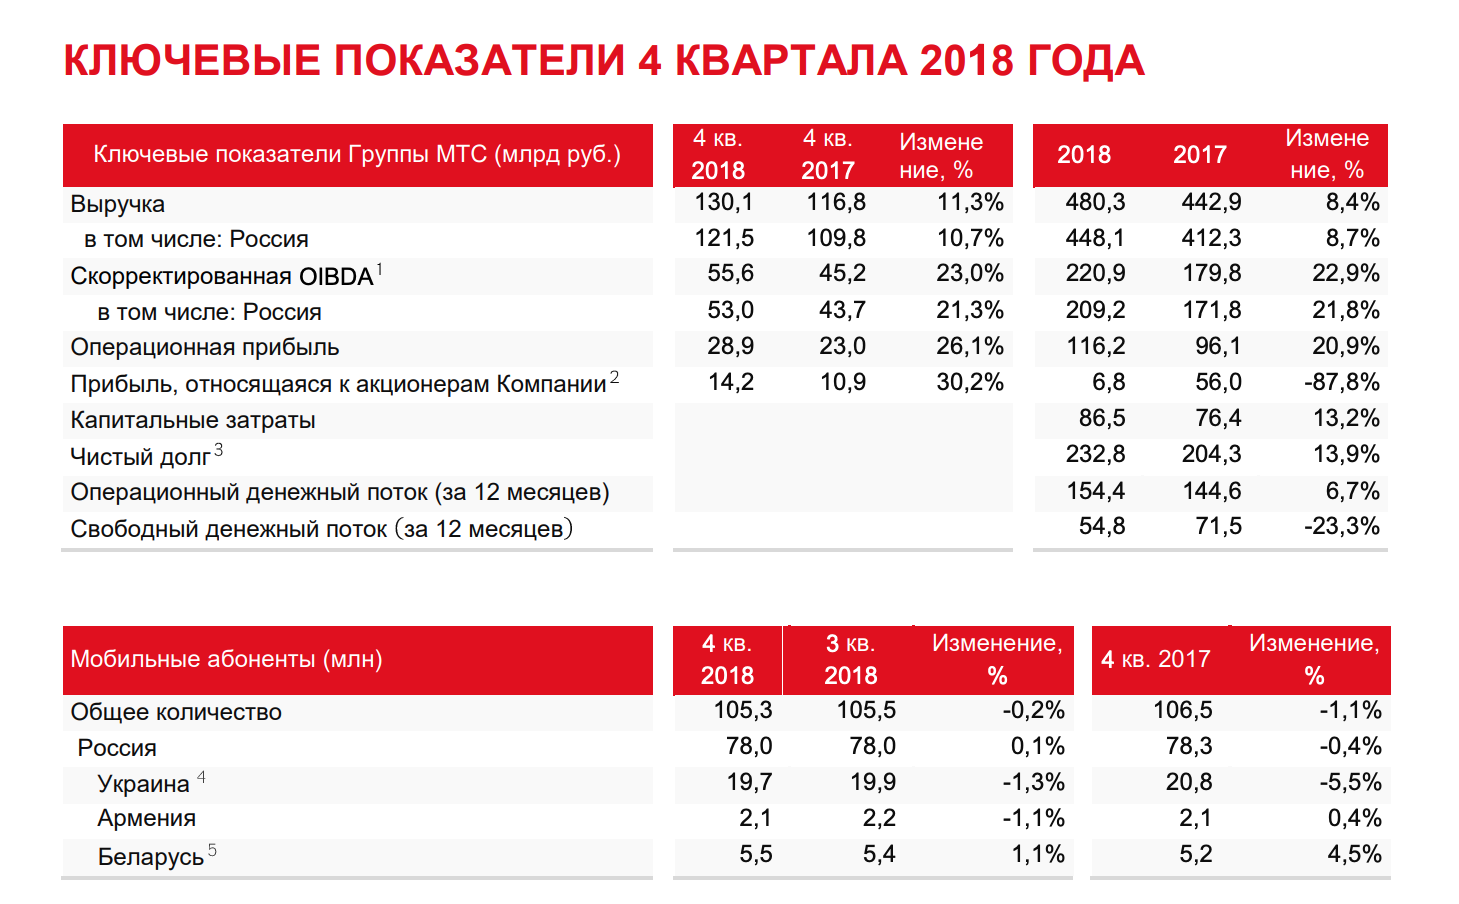 МТС отчет за 4-й квартал 2018 МСФО